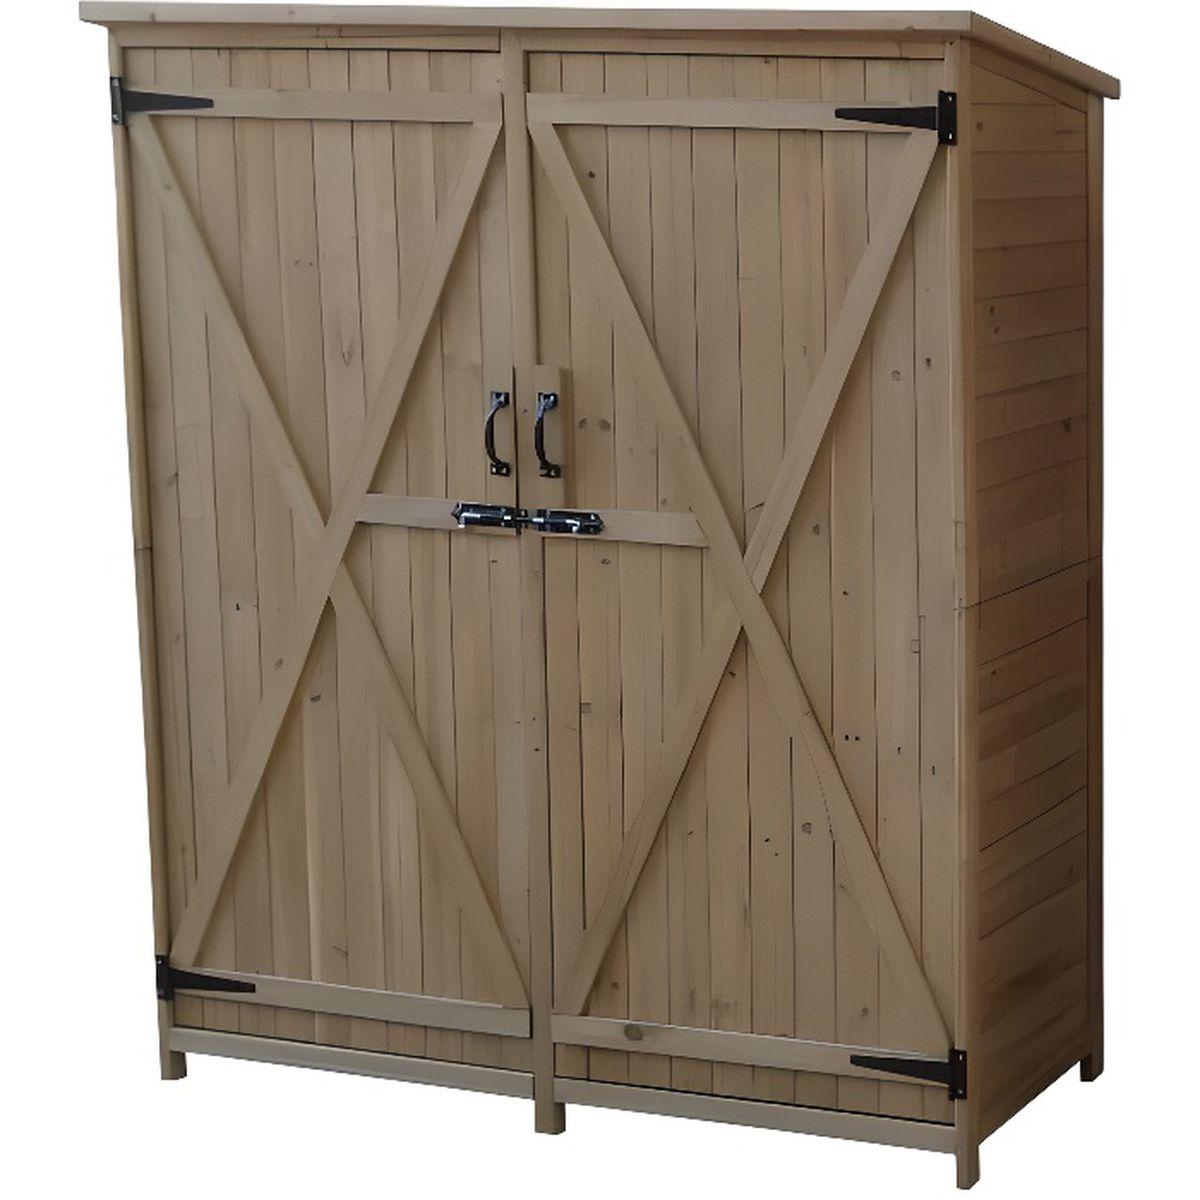 Abri armoire extérieur Sundy en bois massif 140 x 50 x 162 cm ...